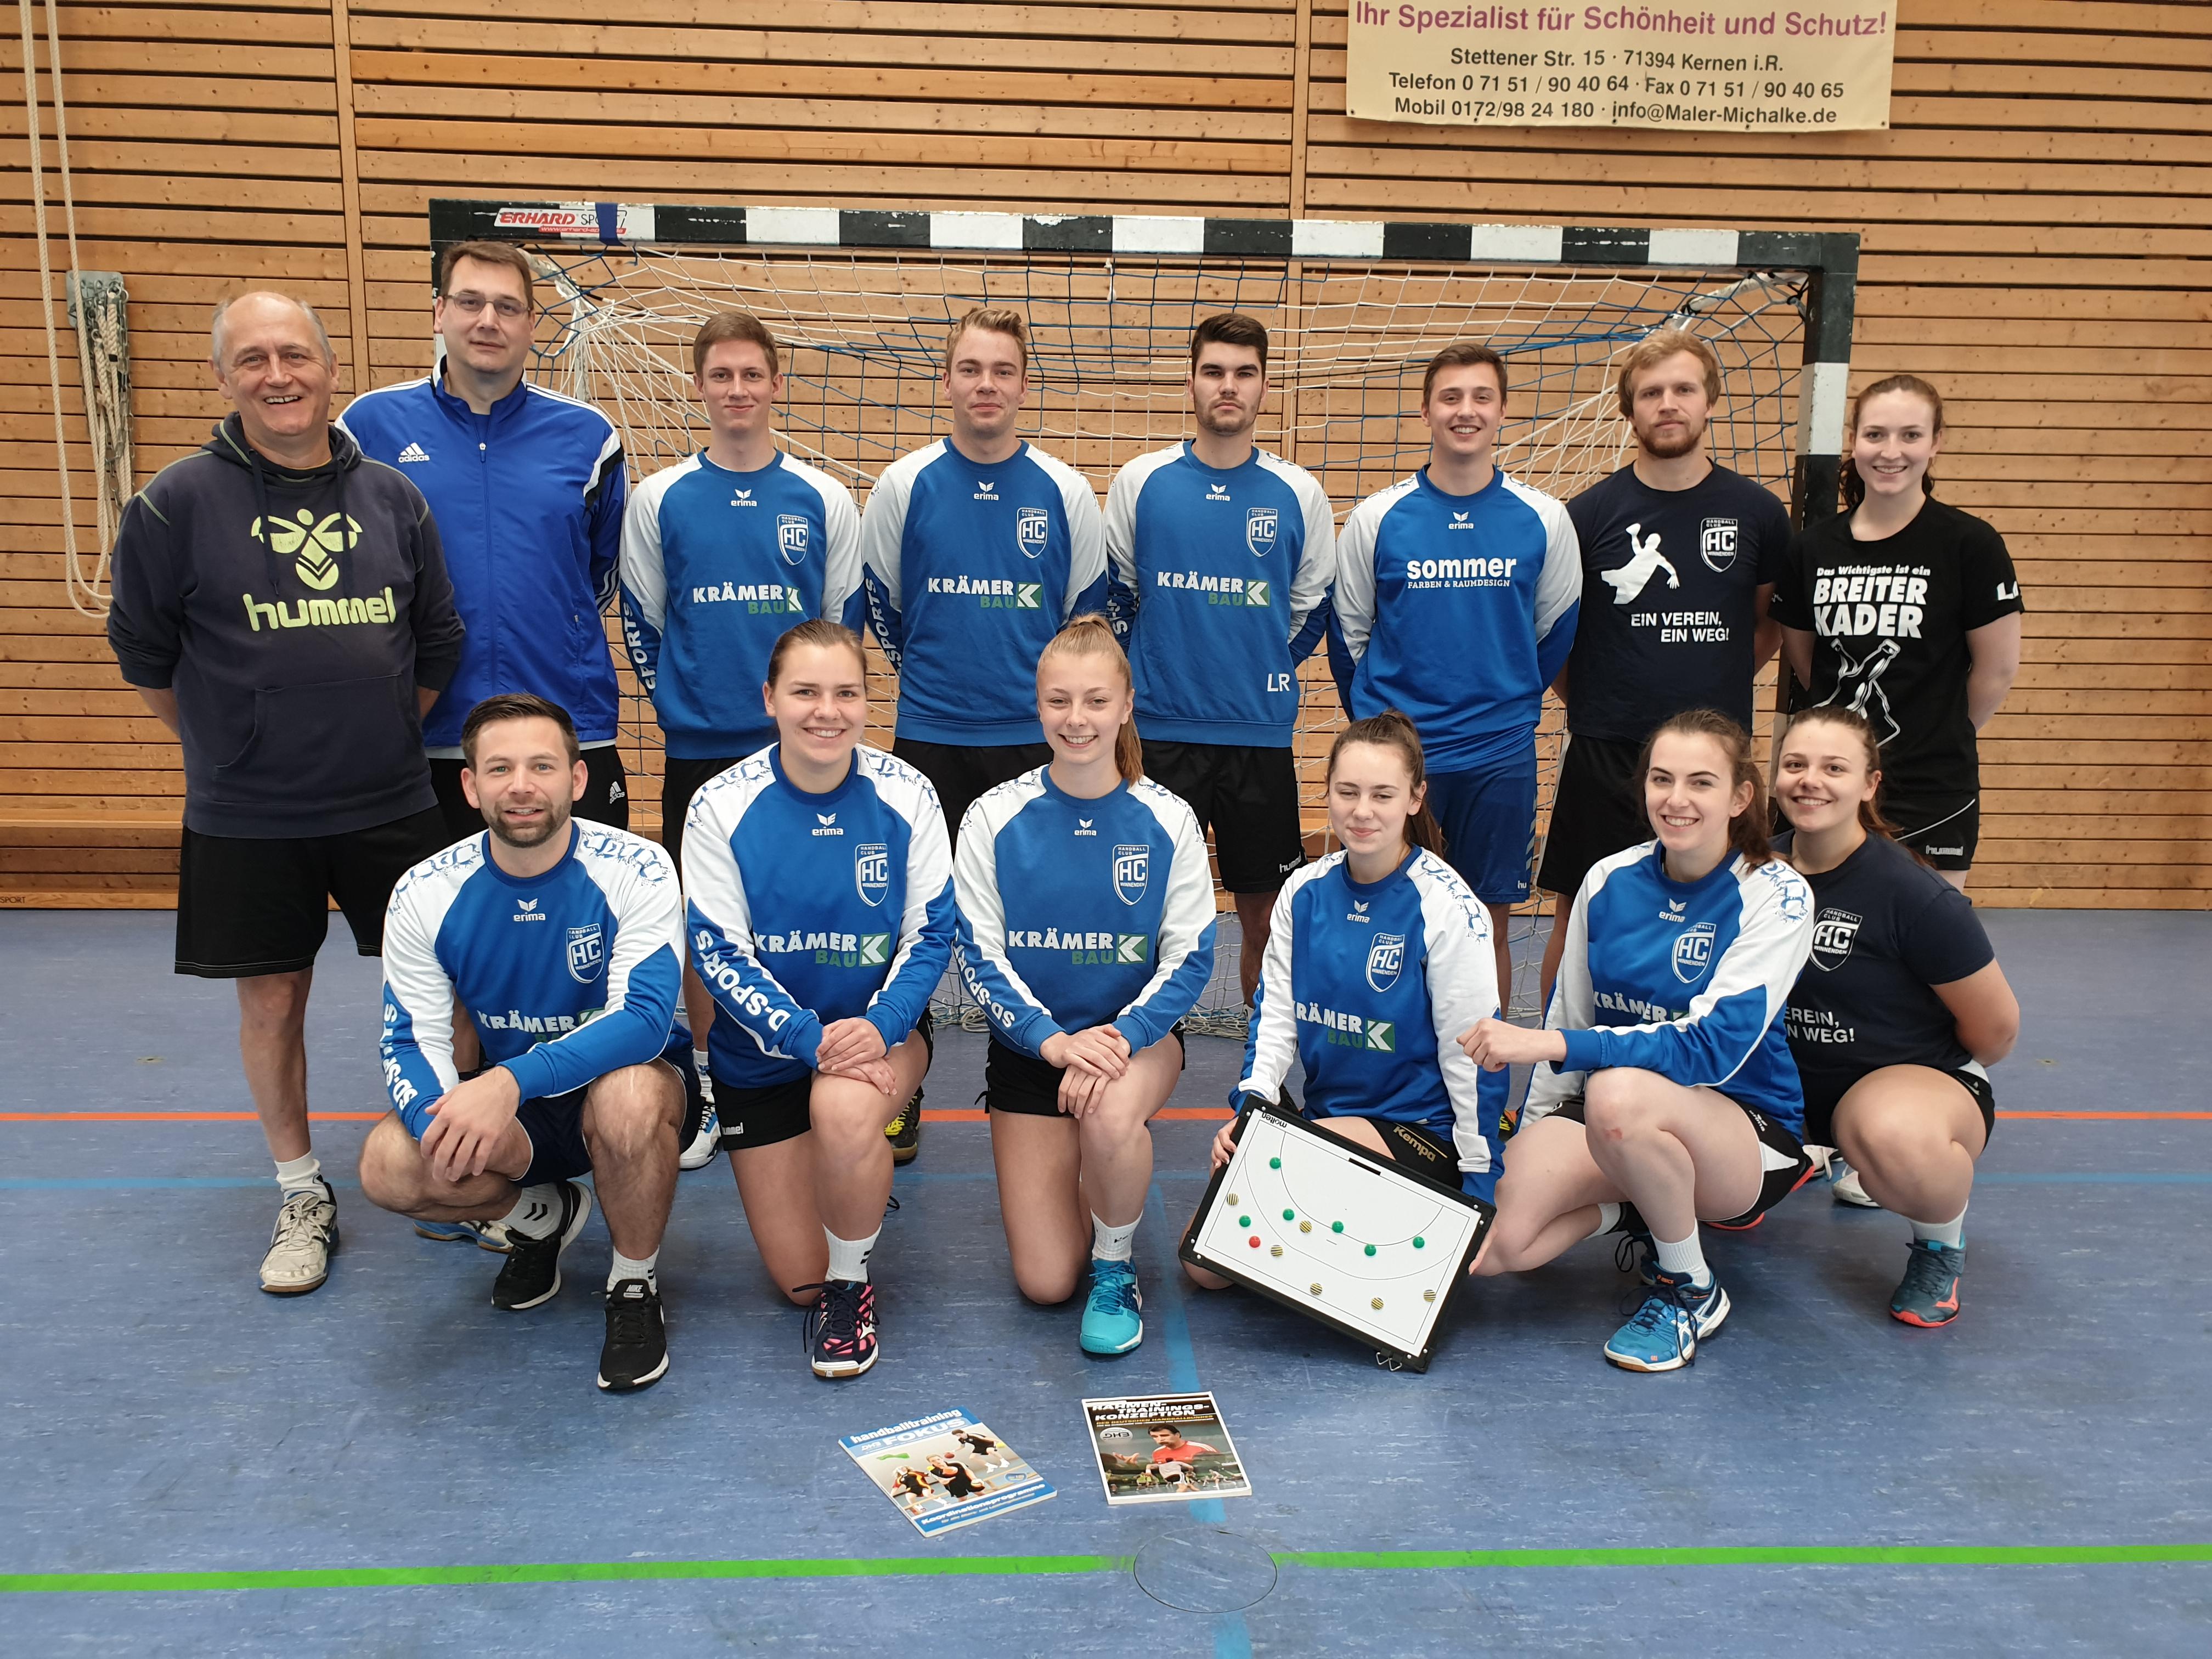 Dezentrale Jugendtrainer- und Kinderhandballausbildung des Bezirks Rems-Stuttgart